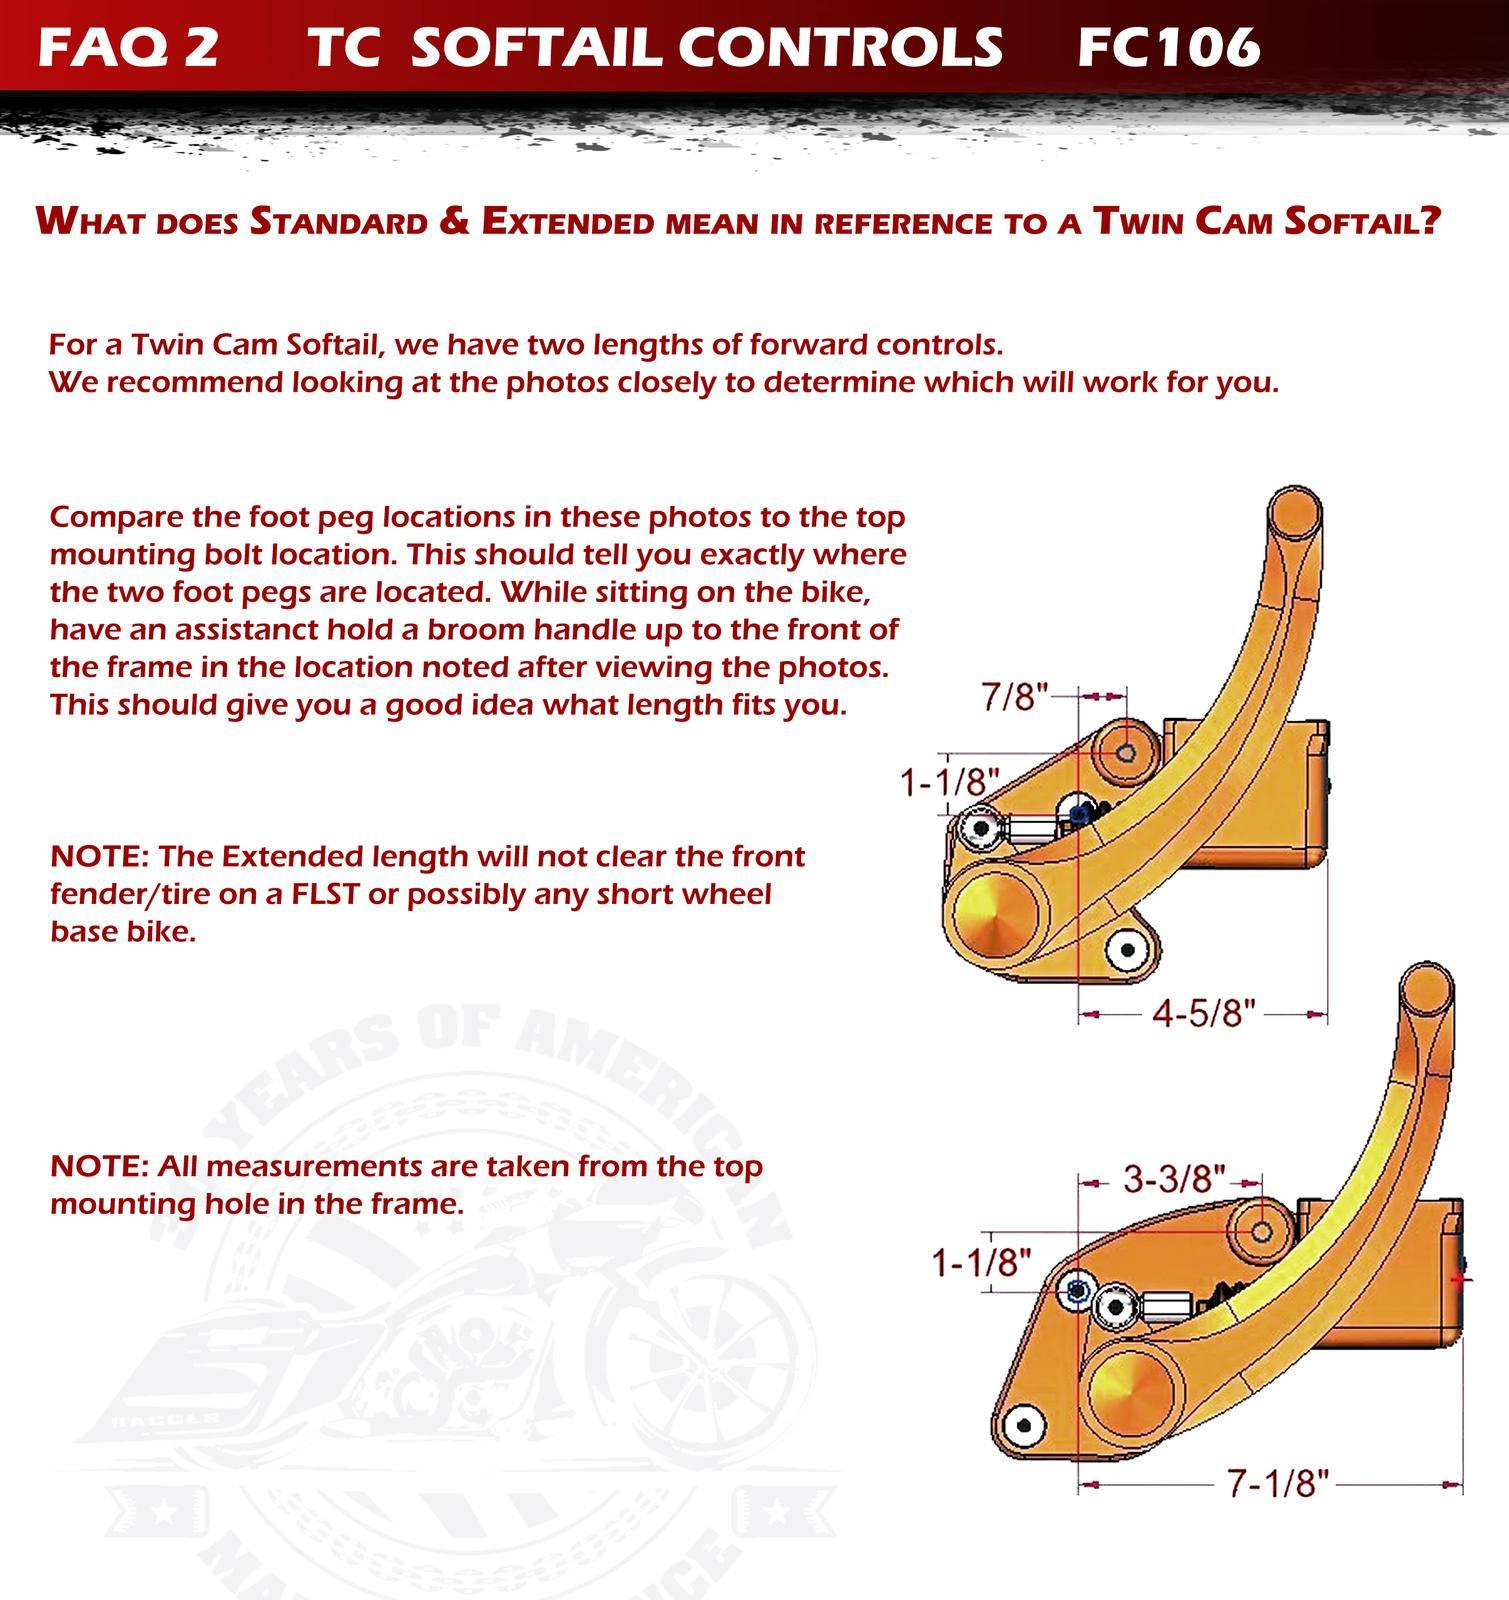 FAQ 2 TC Softail